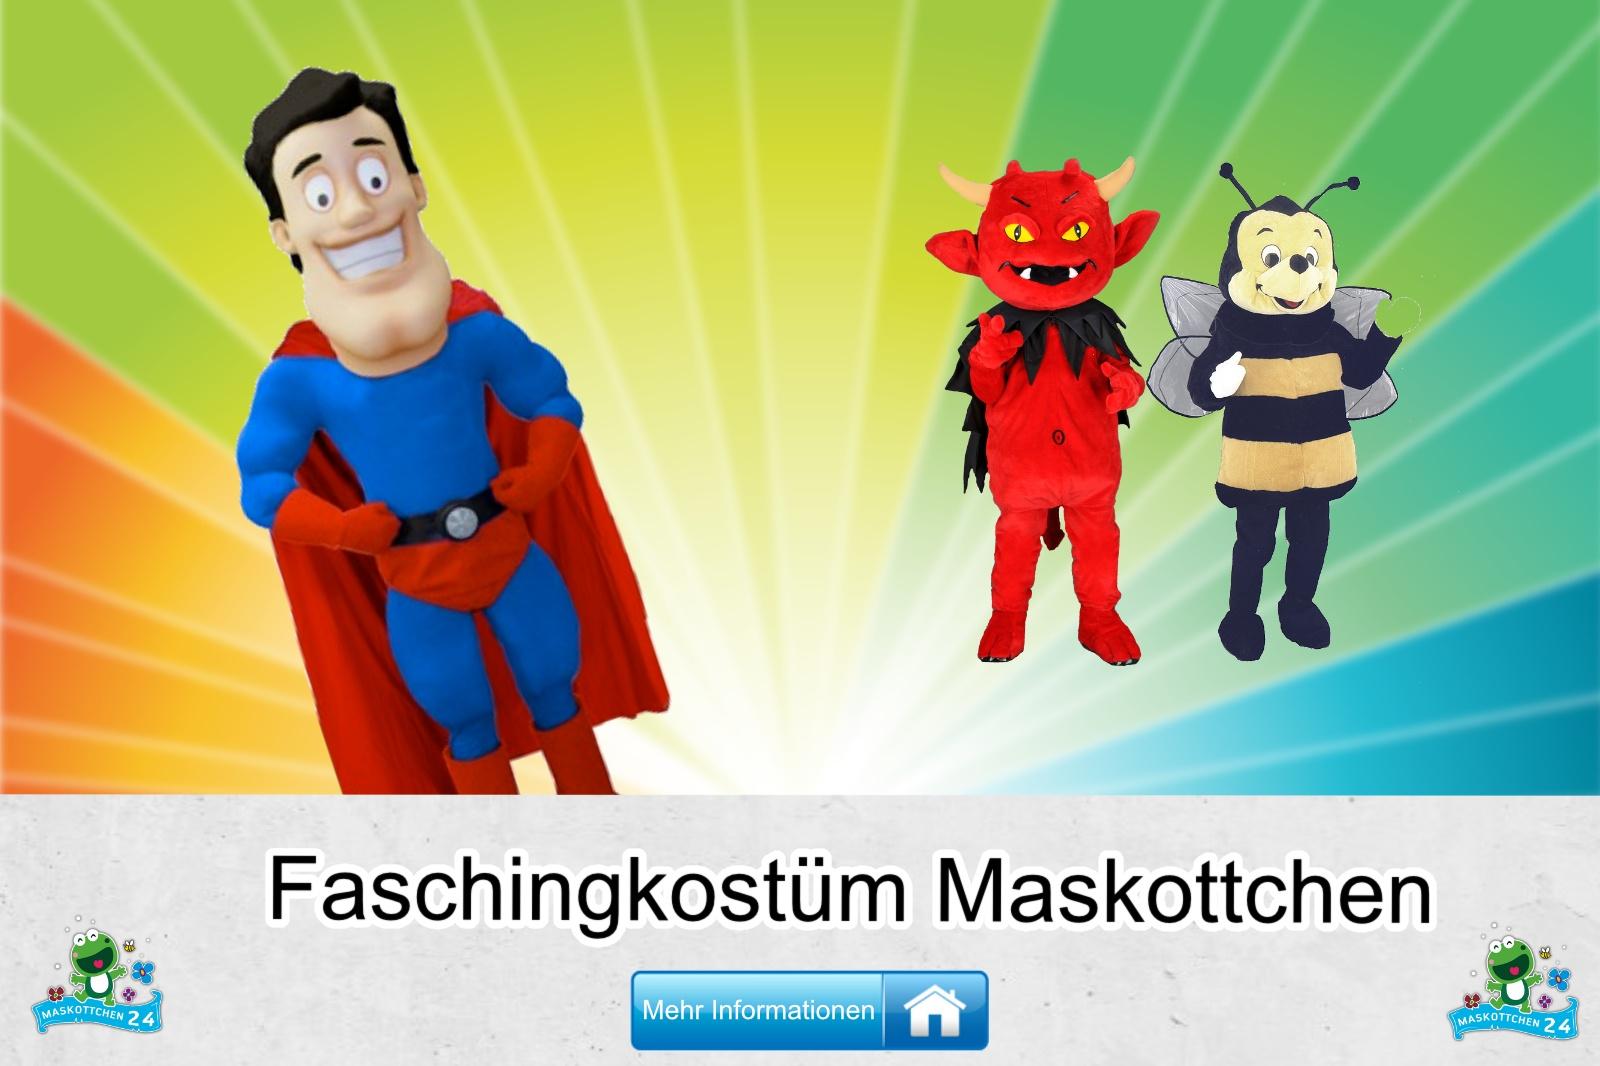 Faschingskostüm Maskottchen Kostüm kaufen